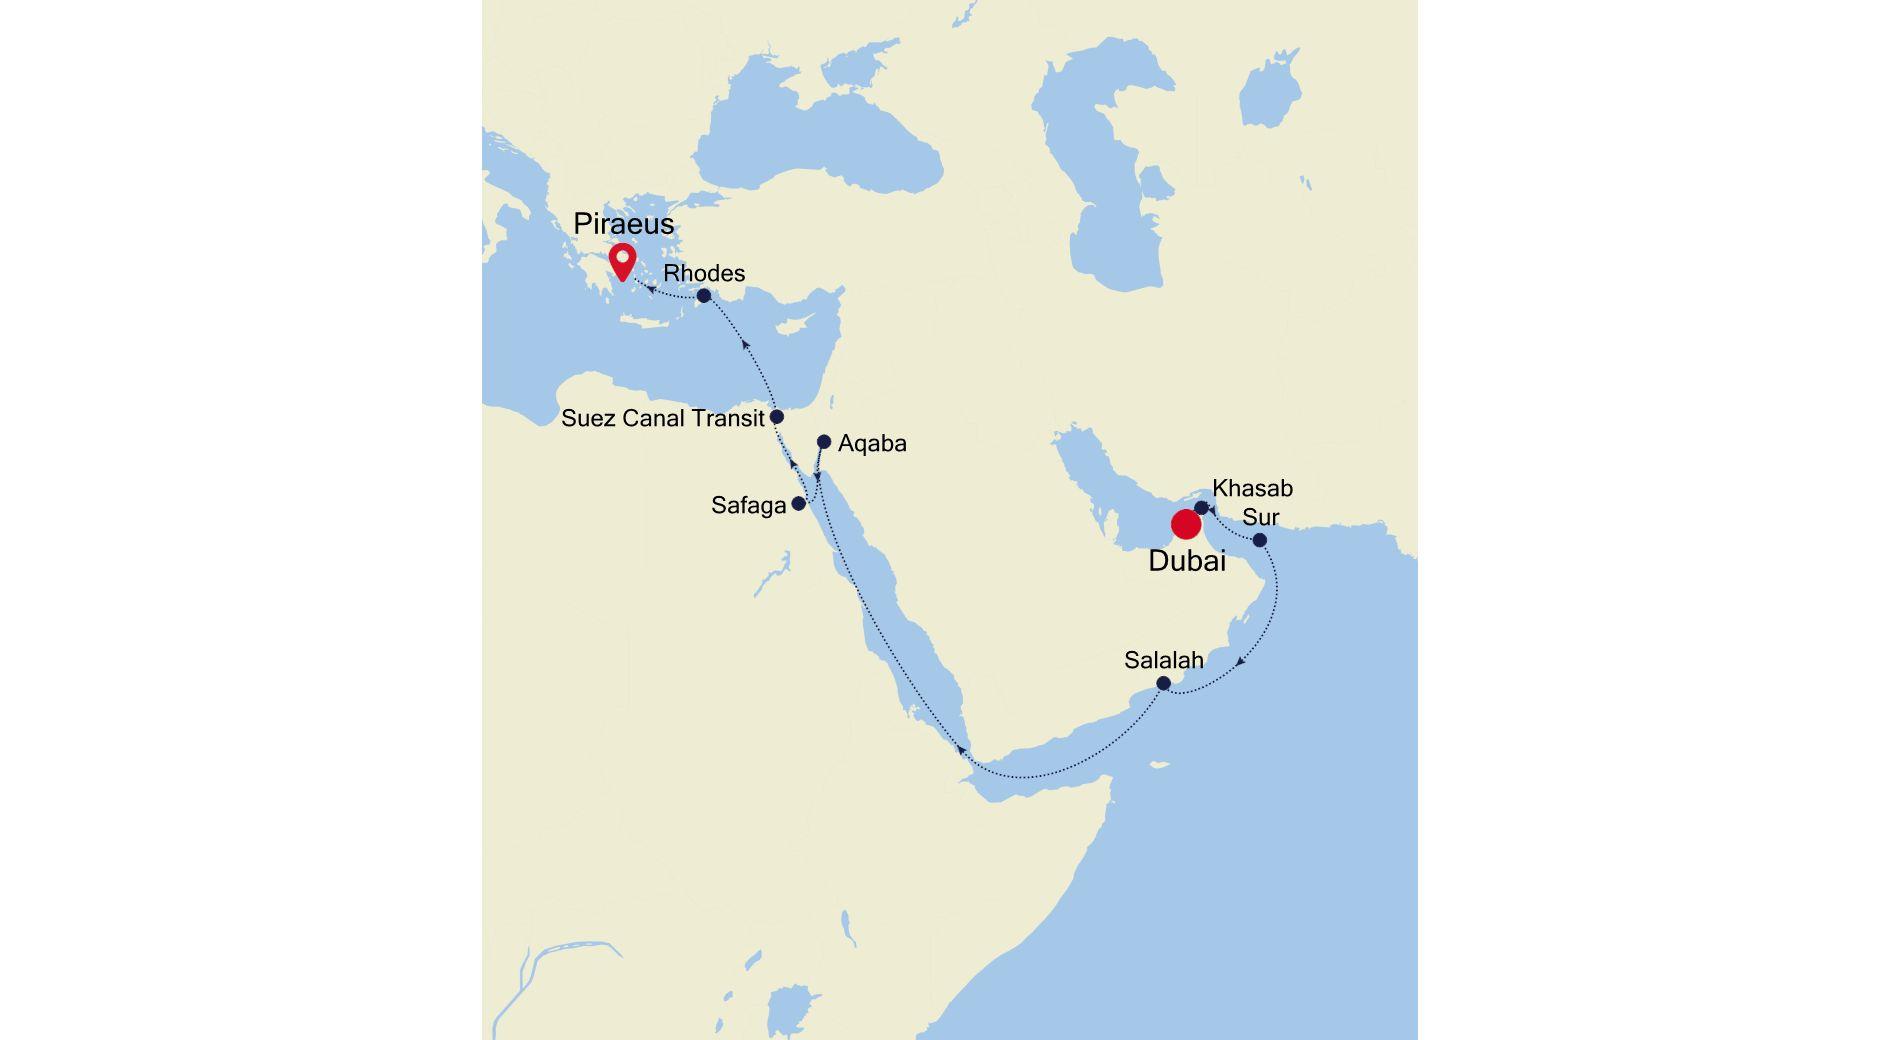 3910 - Dubai a Piraeus